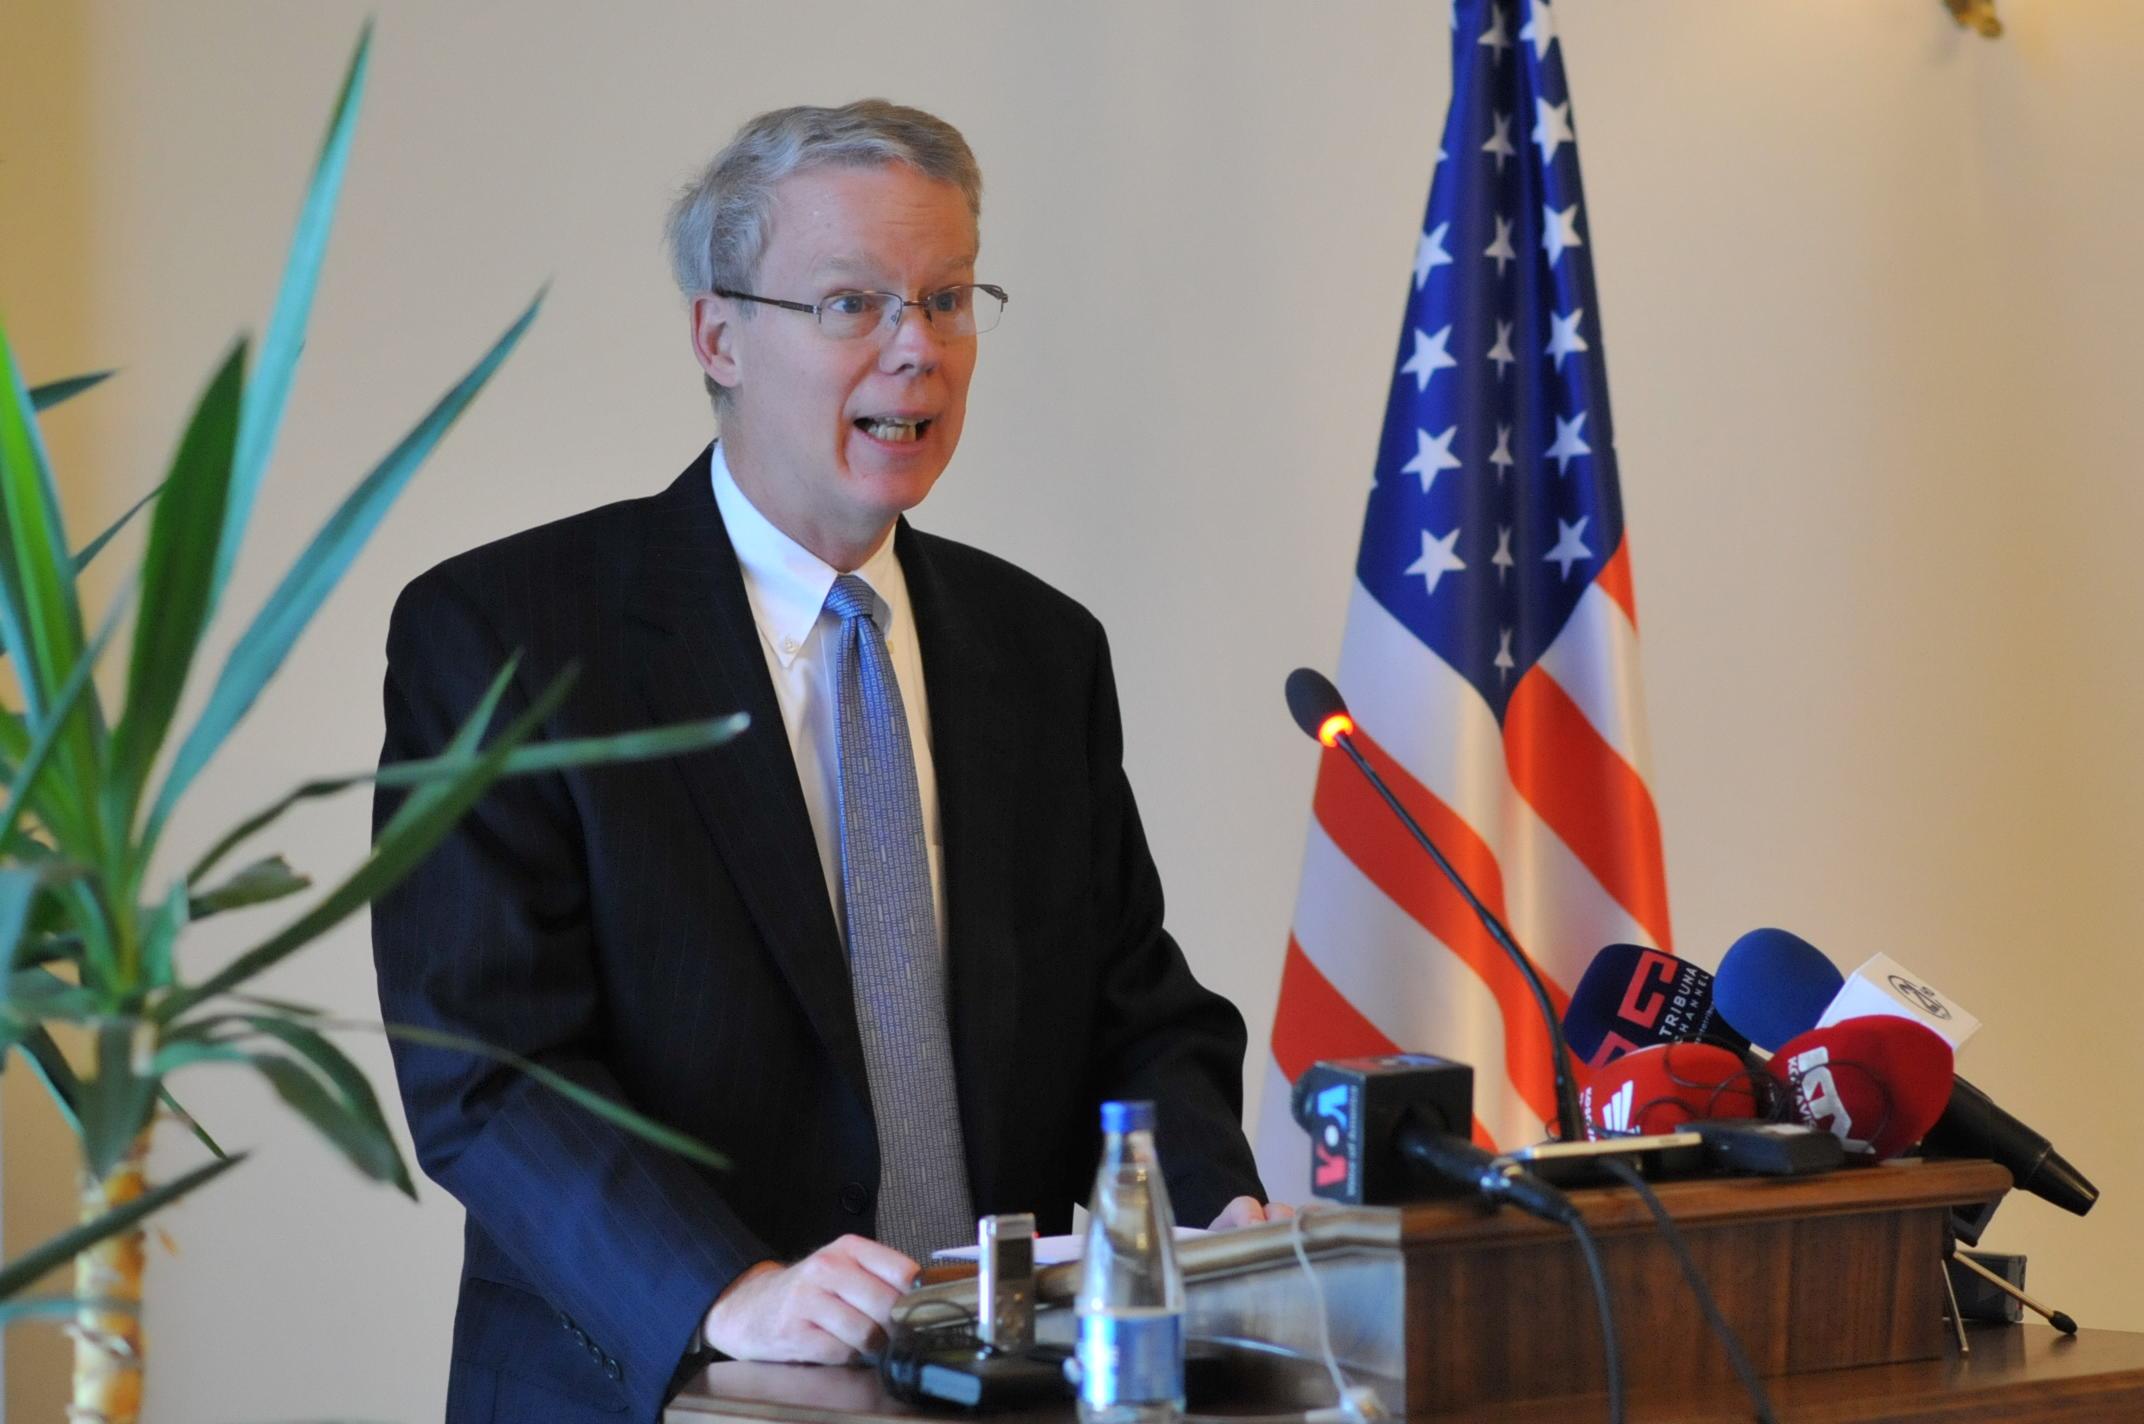 Rrëzimi i qeverisë në Kosovë, ambasada amerikane: Kuvendi e tha fjalën e tij!